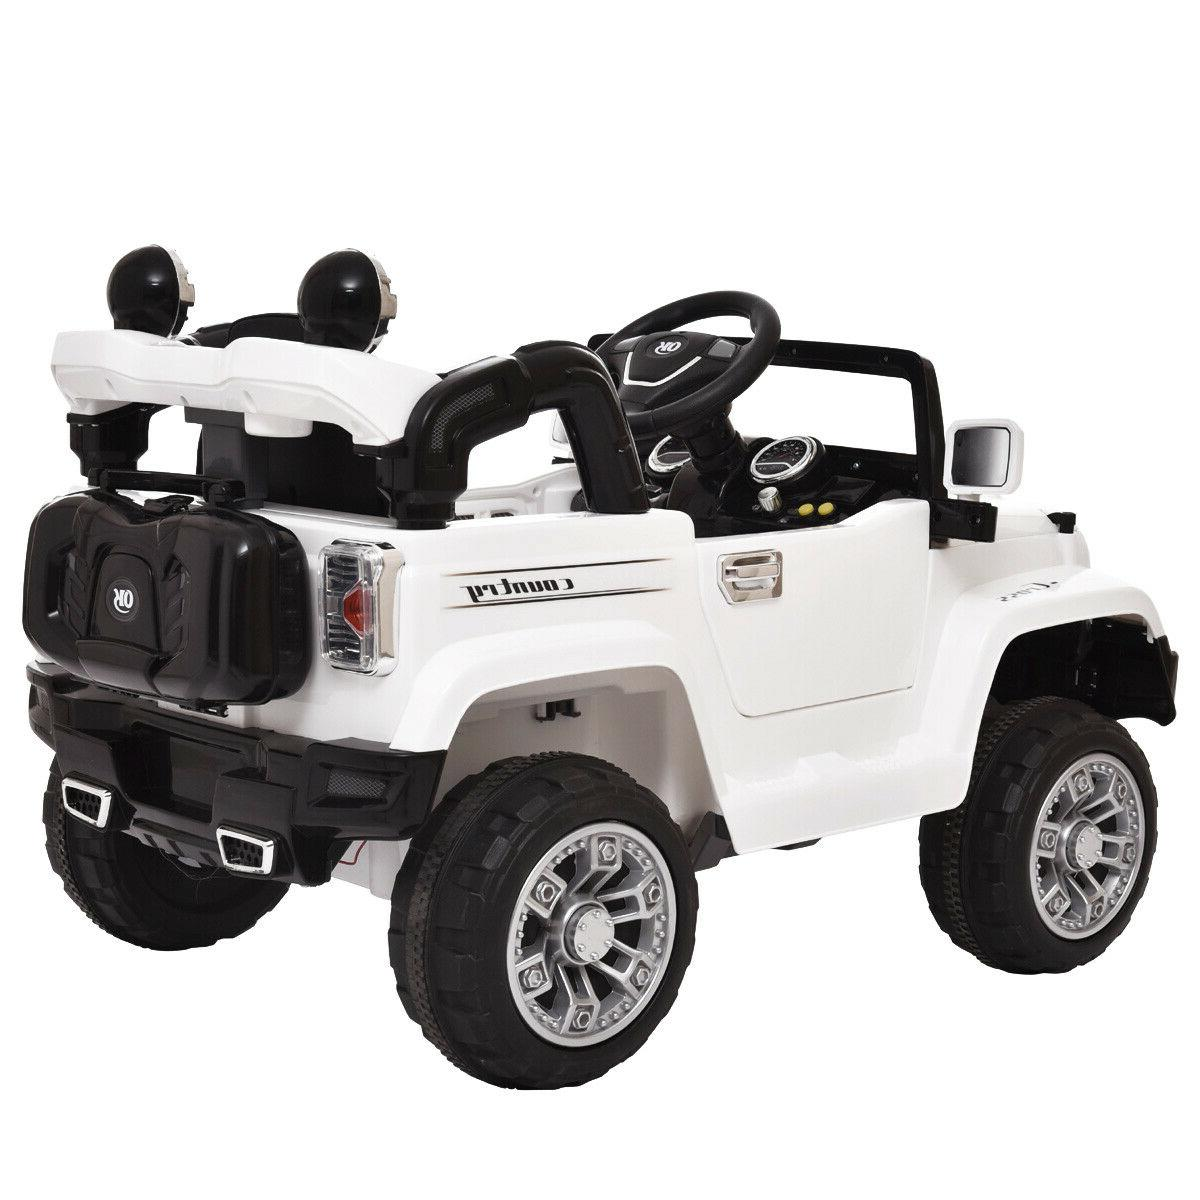 12V On Car Battery Power Truck MP3